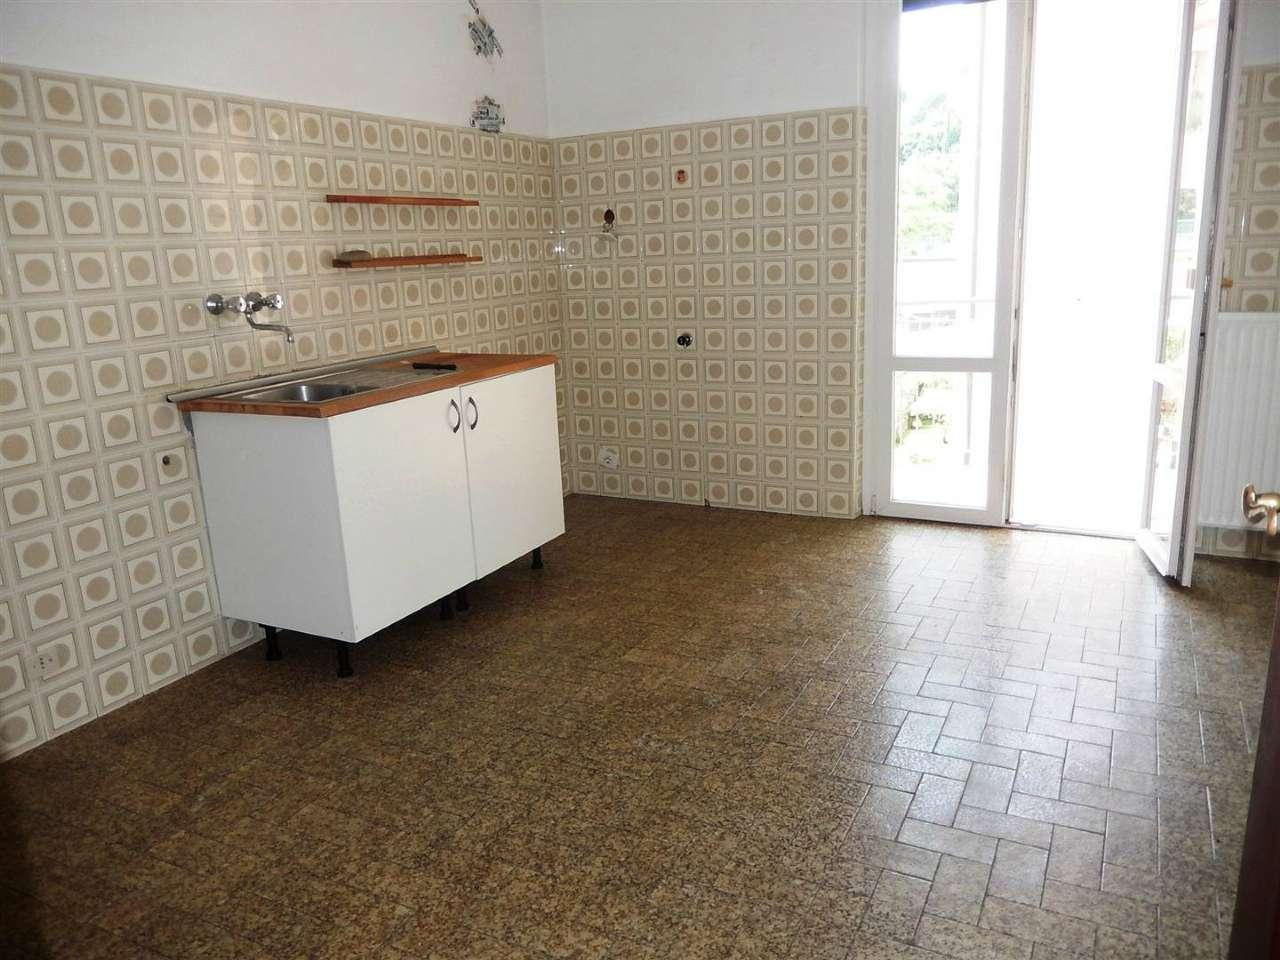 Appartamento 6 locali in affitto a Casarza Ligure (GE)